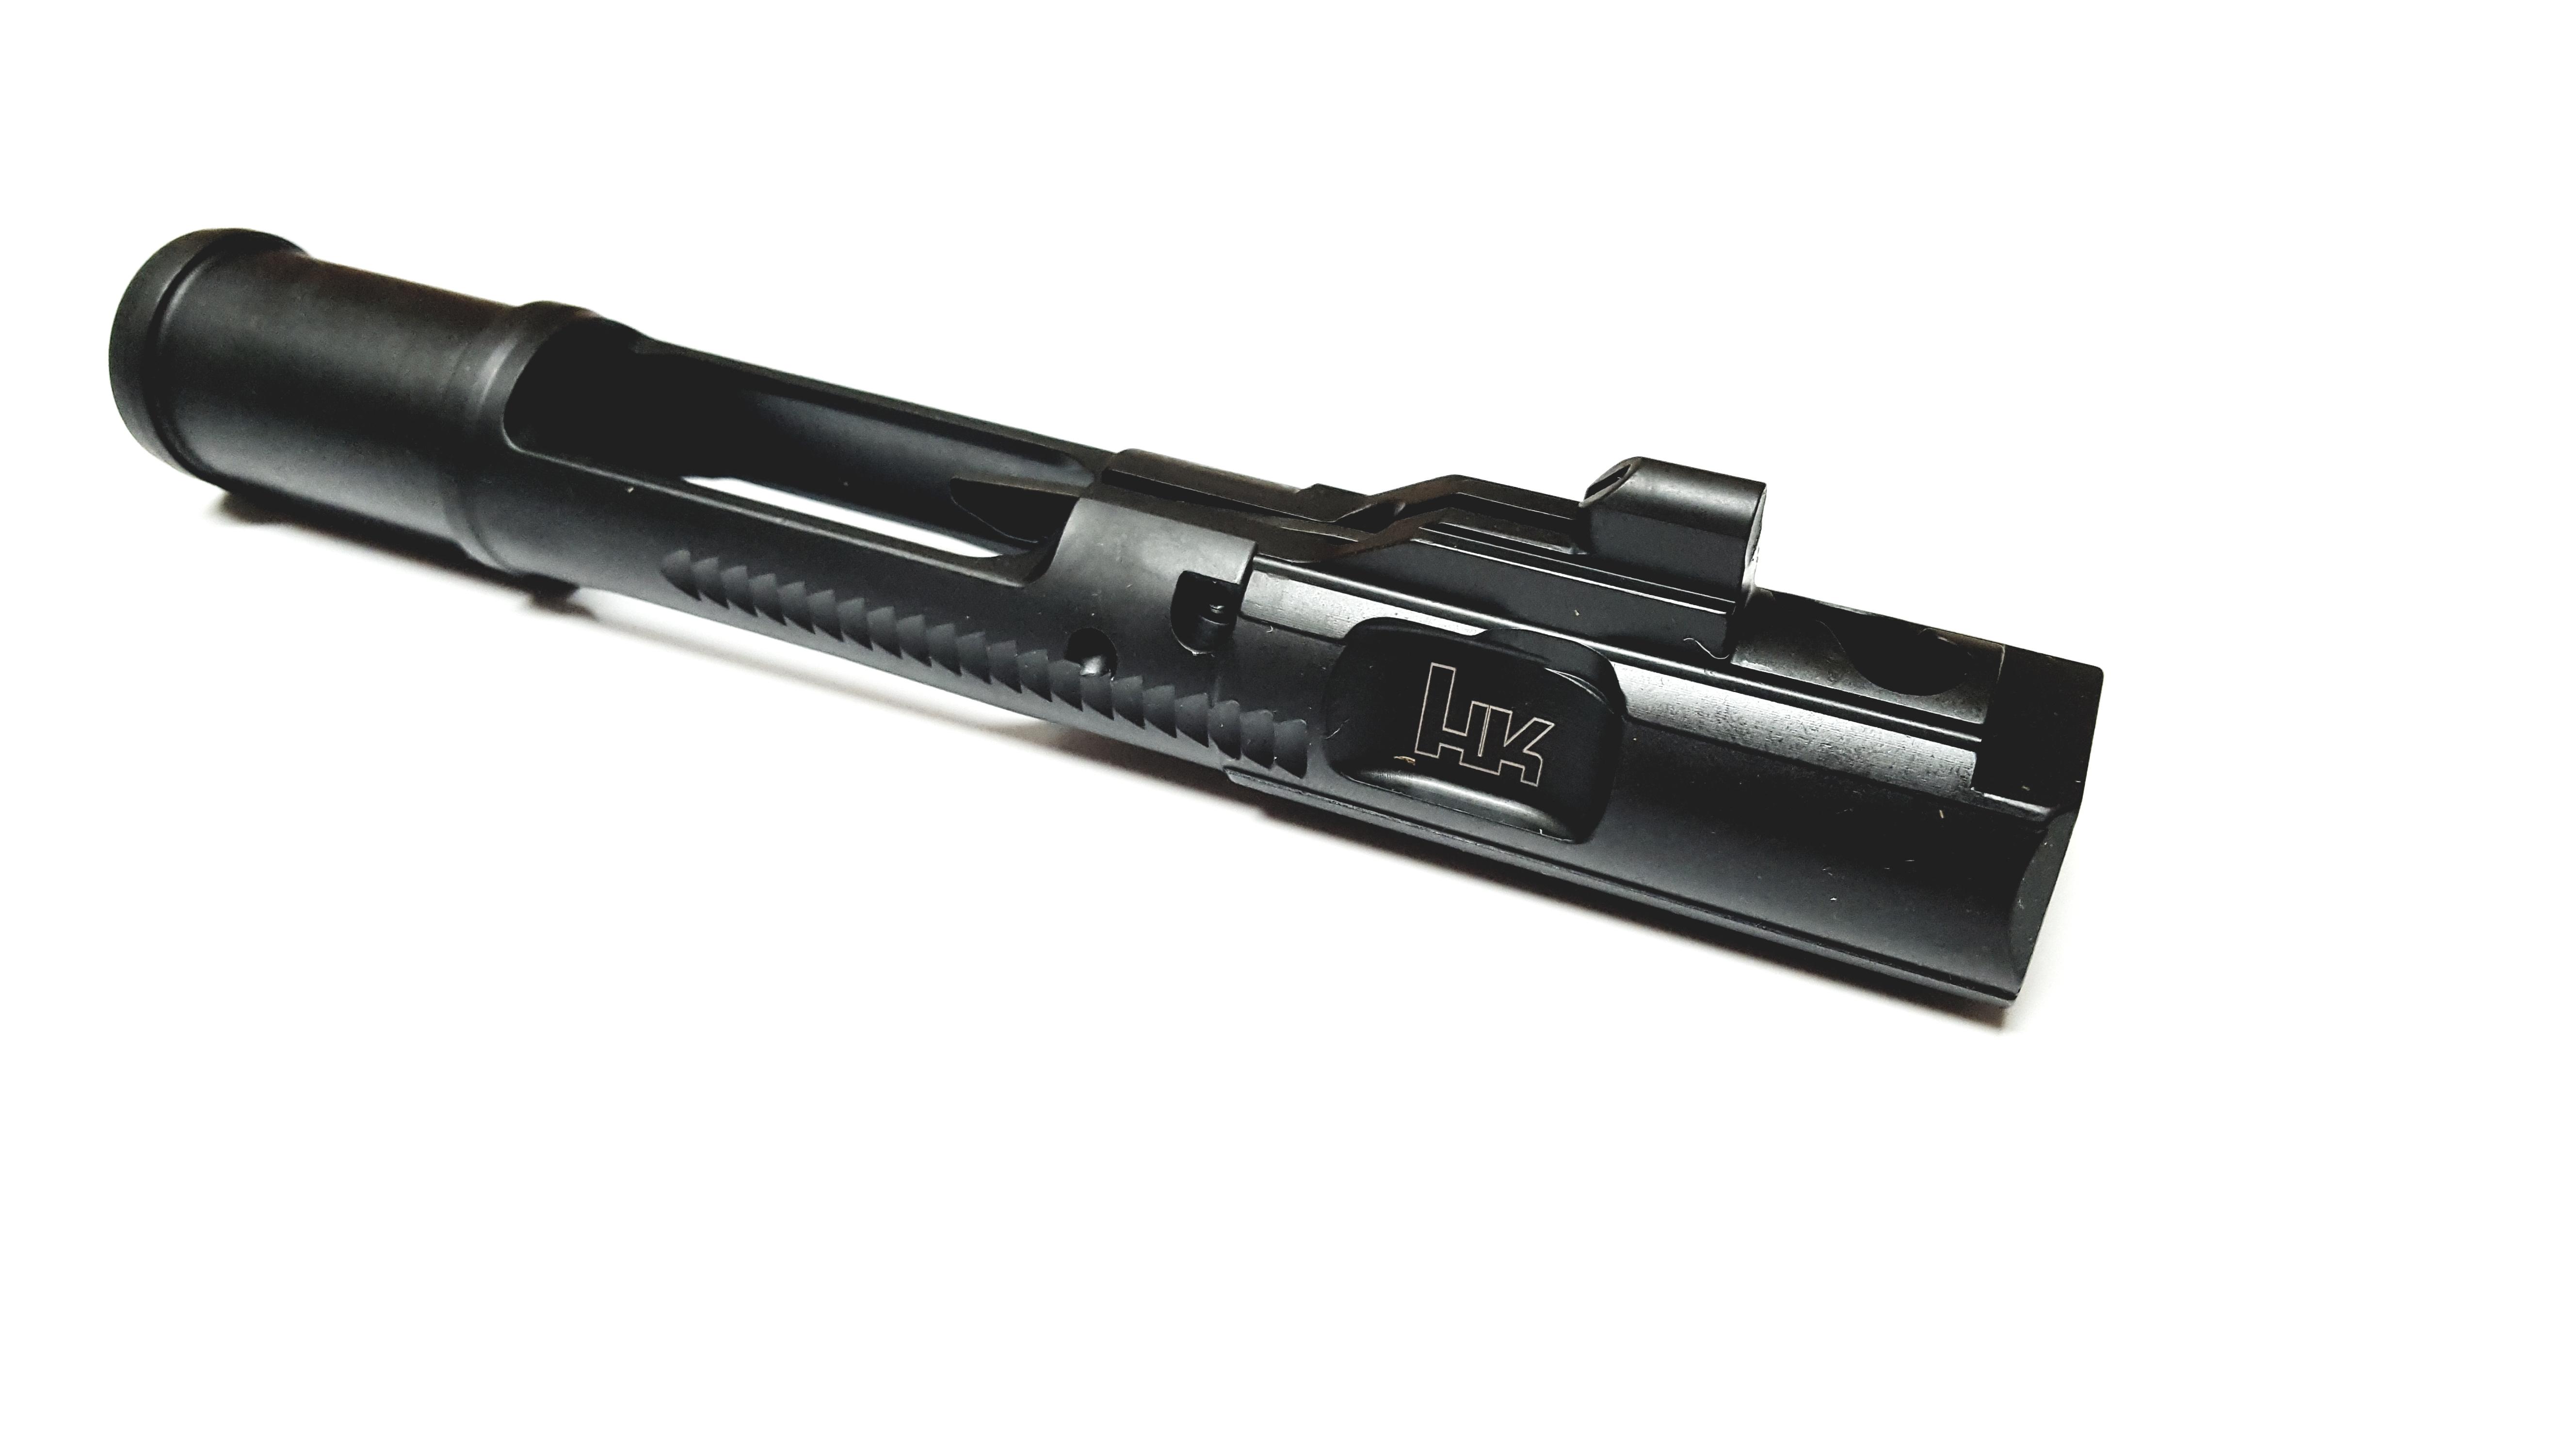 HK 417 Bolt Carrier